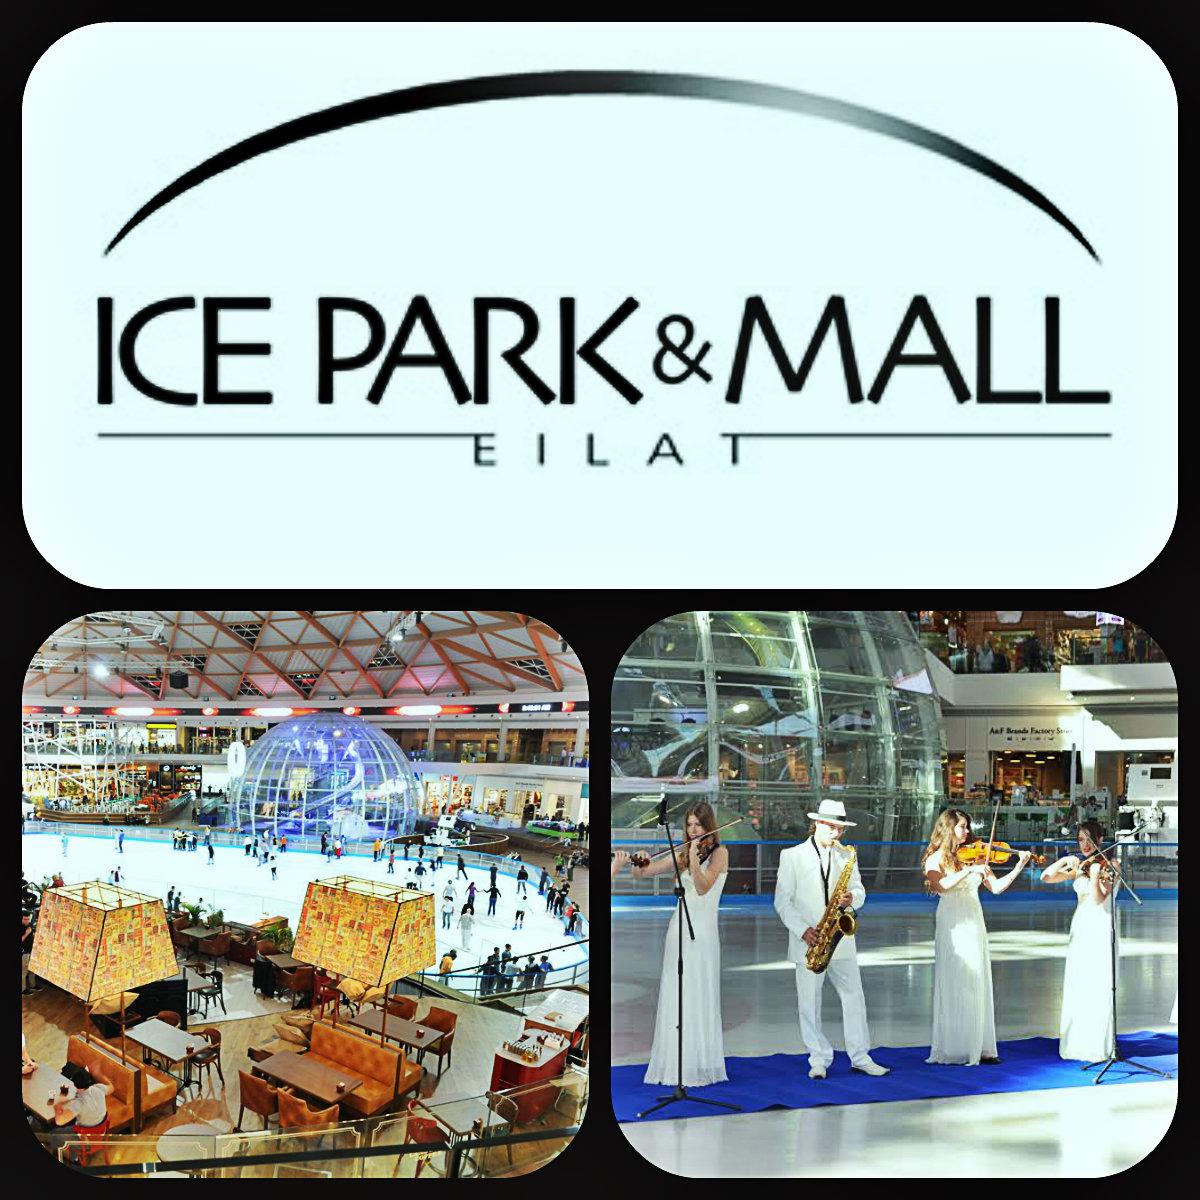 Eilat – развлечения и шопинг вокруг «горячего льда»